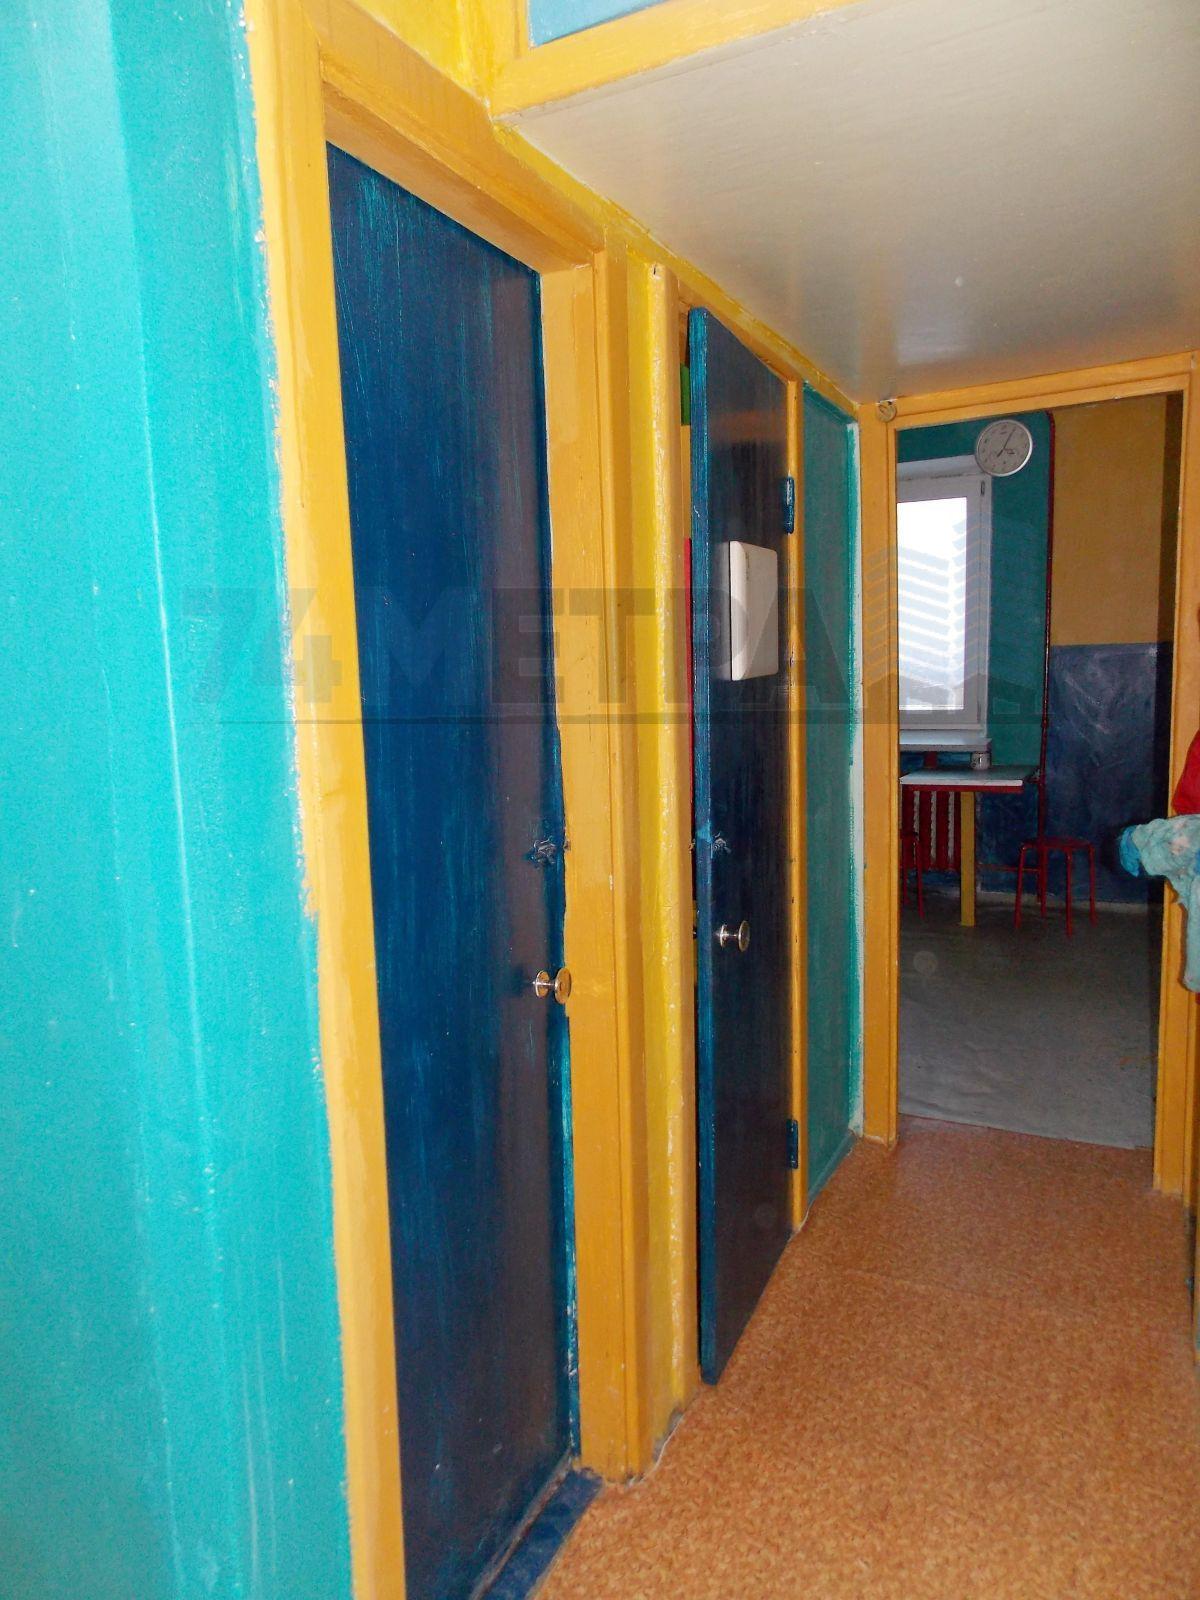 12 000 ₽, 2 - комнатная квартира, площадь 57 м², этаж 8/14